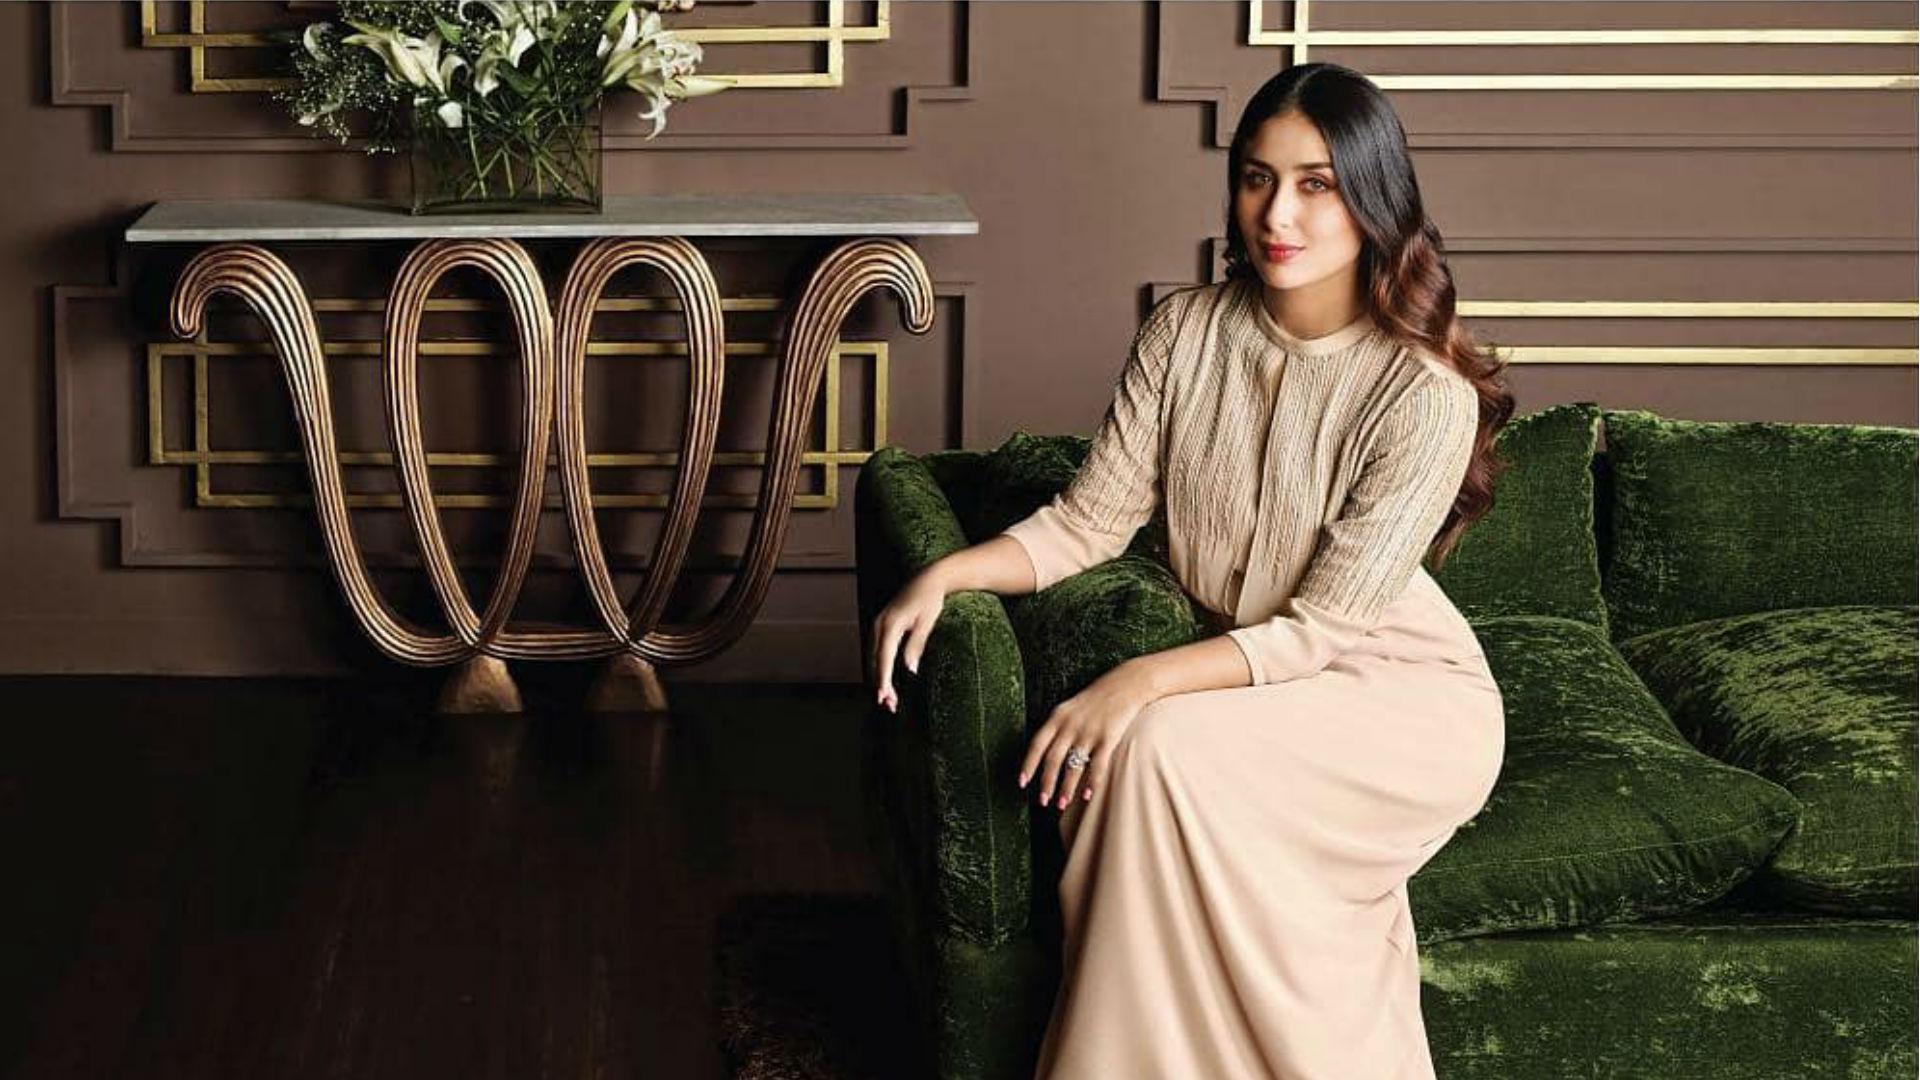 Kareena Kapoor Birthday: करीना कपूर खान को बर्थडे से पहले मिला सरप्राइज, डांस इंडिया डांस में इस बार होगा धमाल